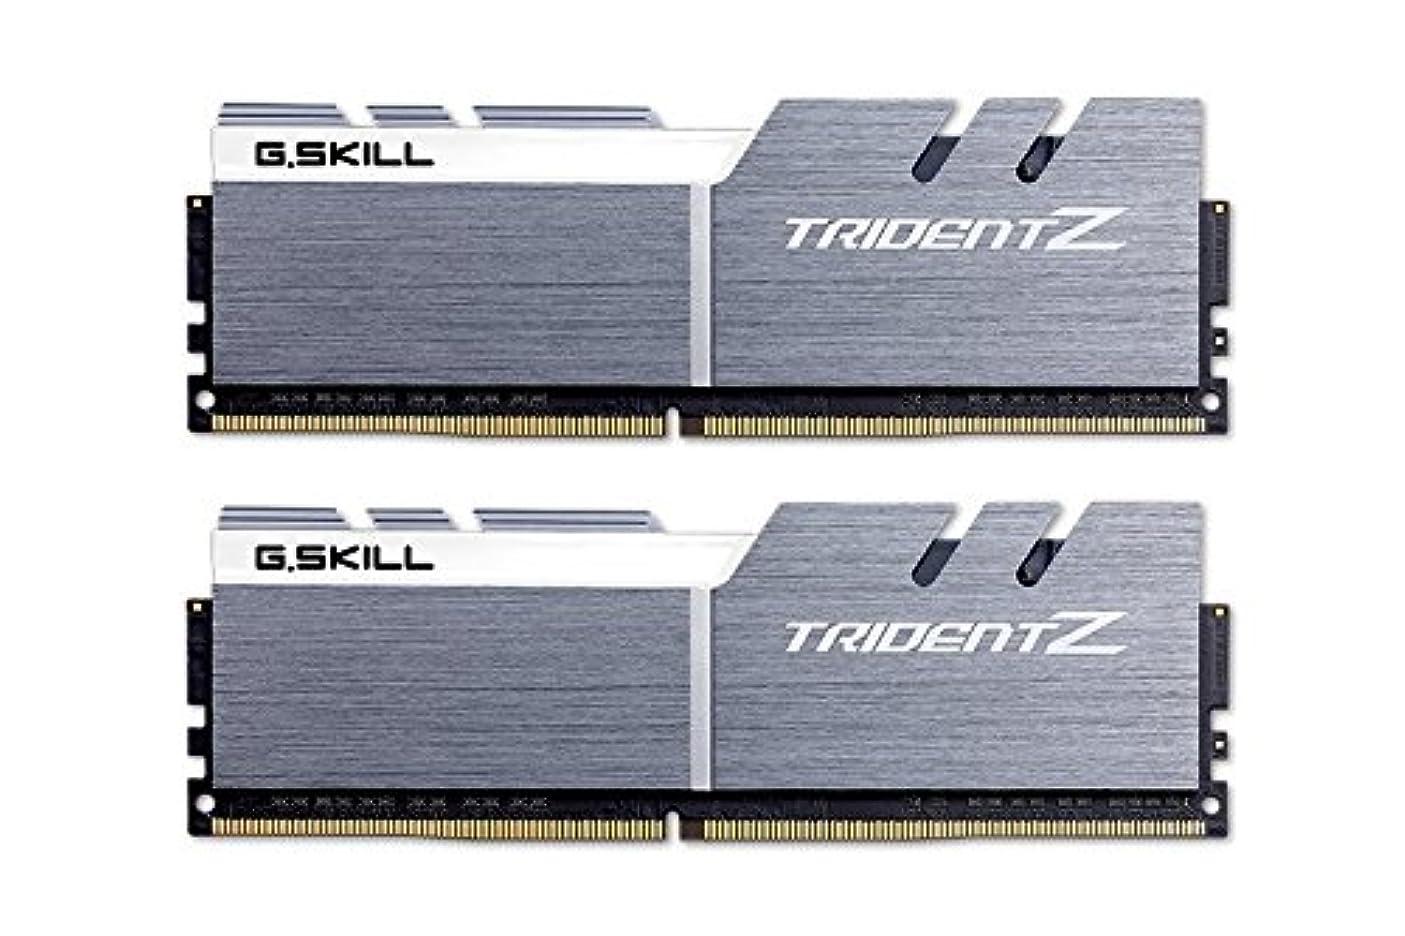 スパイ無限回路G.SKILL F4-4133C19D-16GTZSWCトライデントZシリーズ16 GB(8 GB x 2)DDR4 4133 MHz CL19デュアルチャンネルメモリキット - シルバー